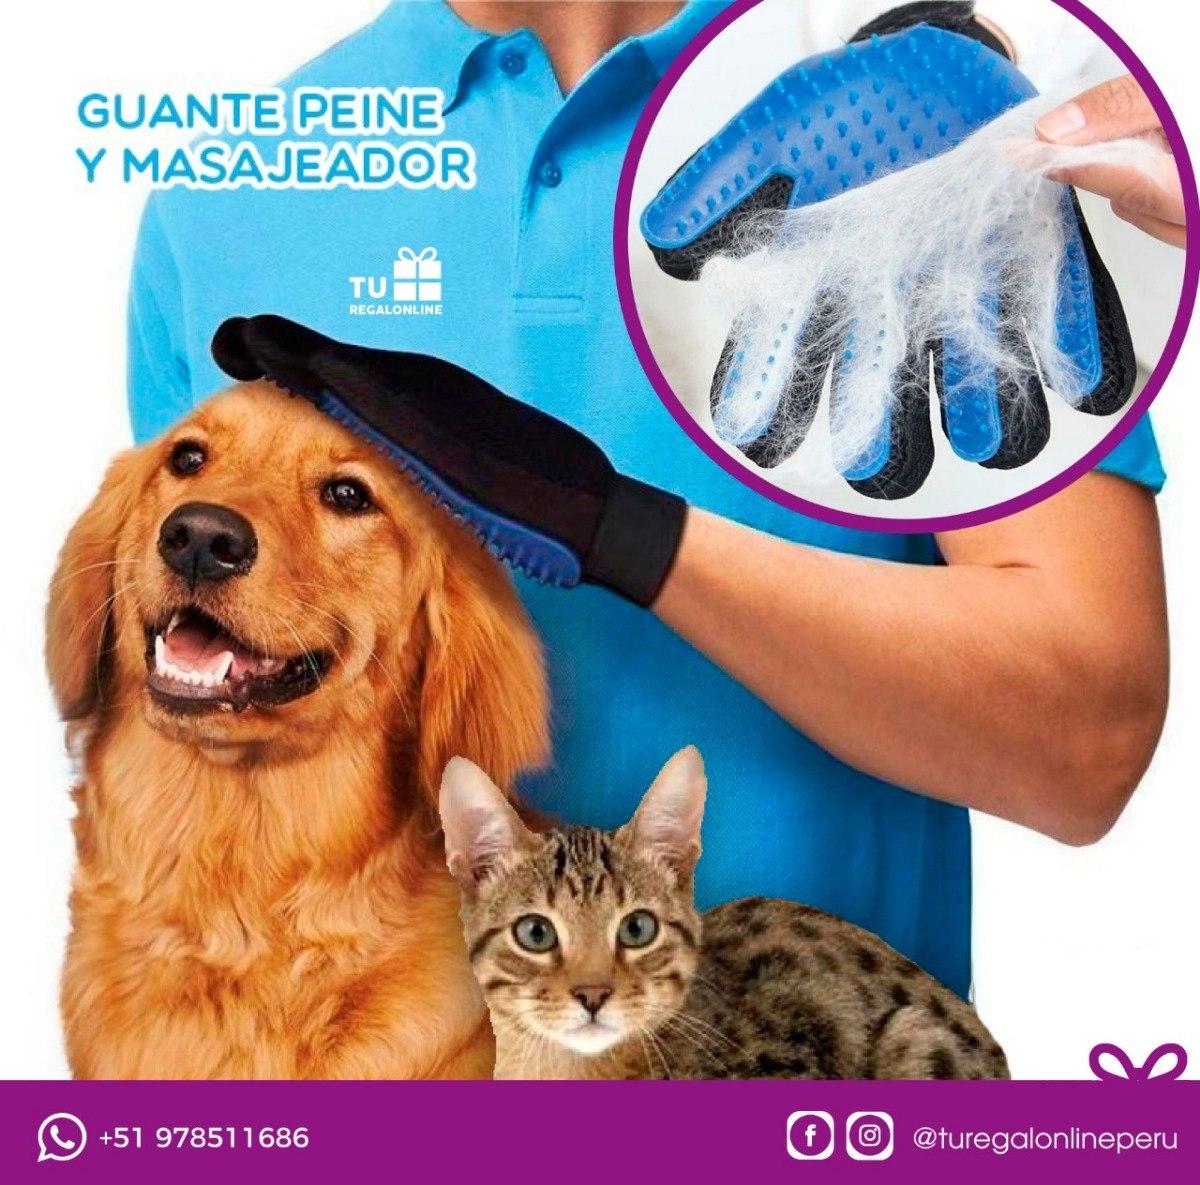 Guante Peina Perro Gato Extractor Pelos Peine Para Mascotas S 19